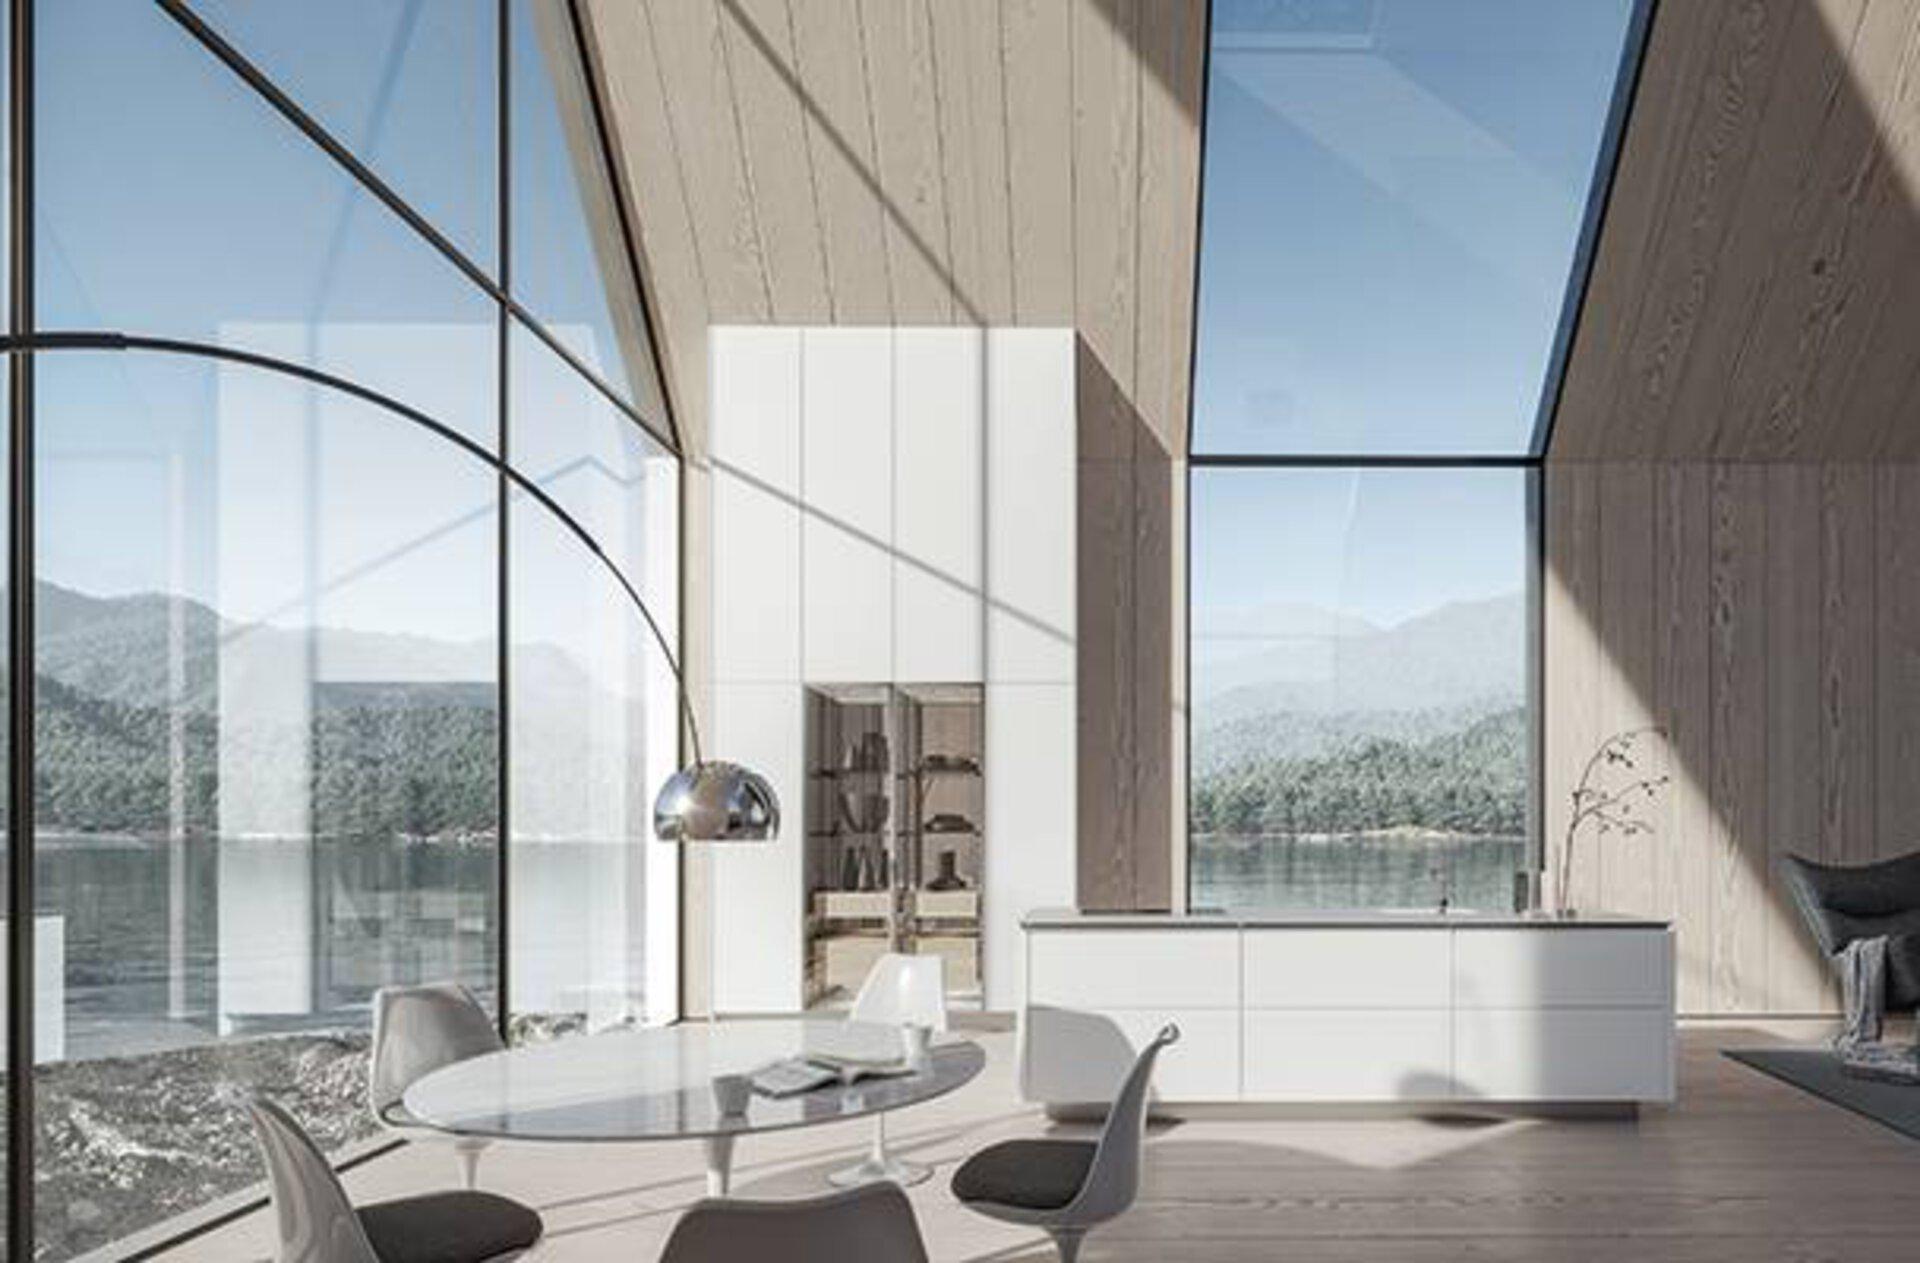 Weiße Kücheninsel und hohe Küchenschränke neben einer  deckenhohen Glasfront ist das Aushängeschild der neuen SieMatic Küche und dient als Kategoriebild für den Premiumbereich First-Class-Küchen.